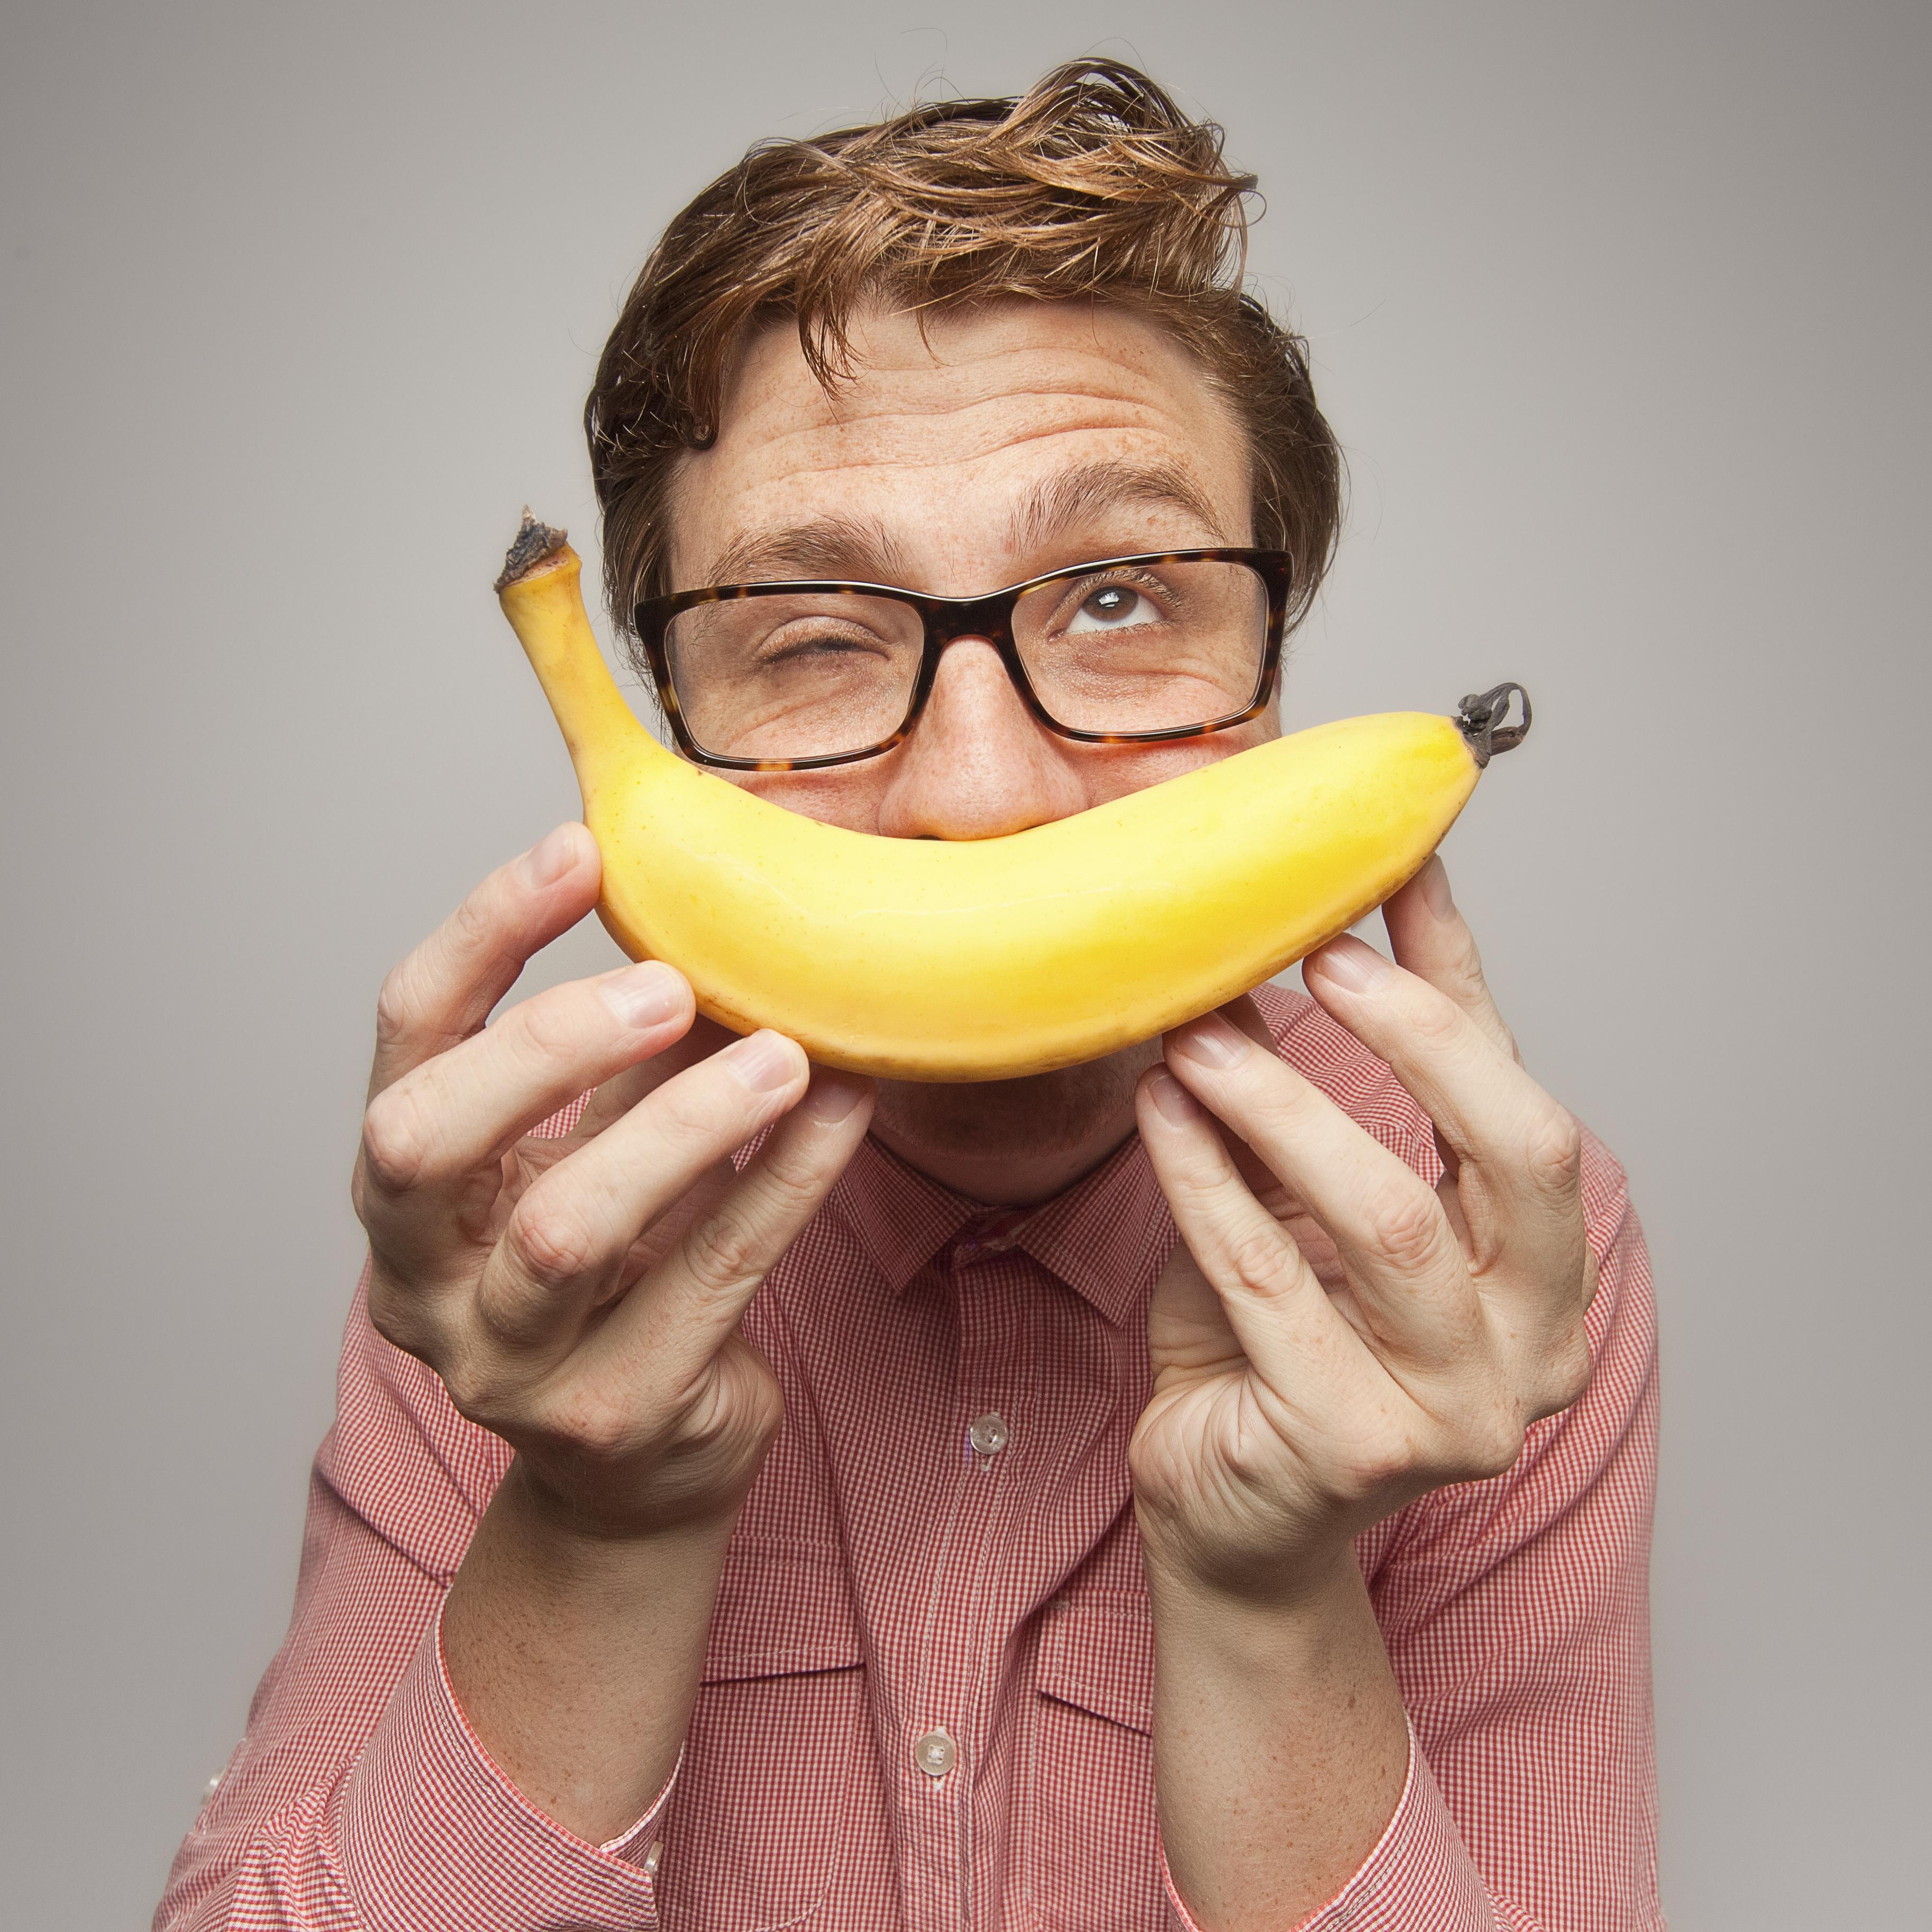 Nerd with Banana